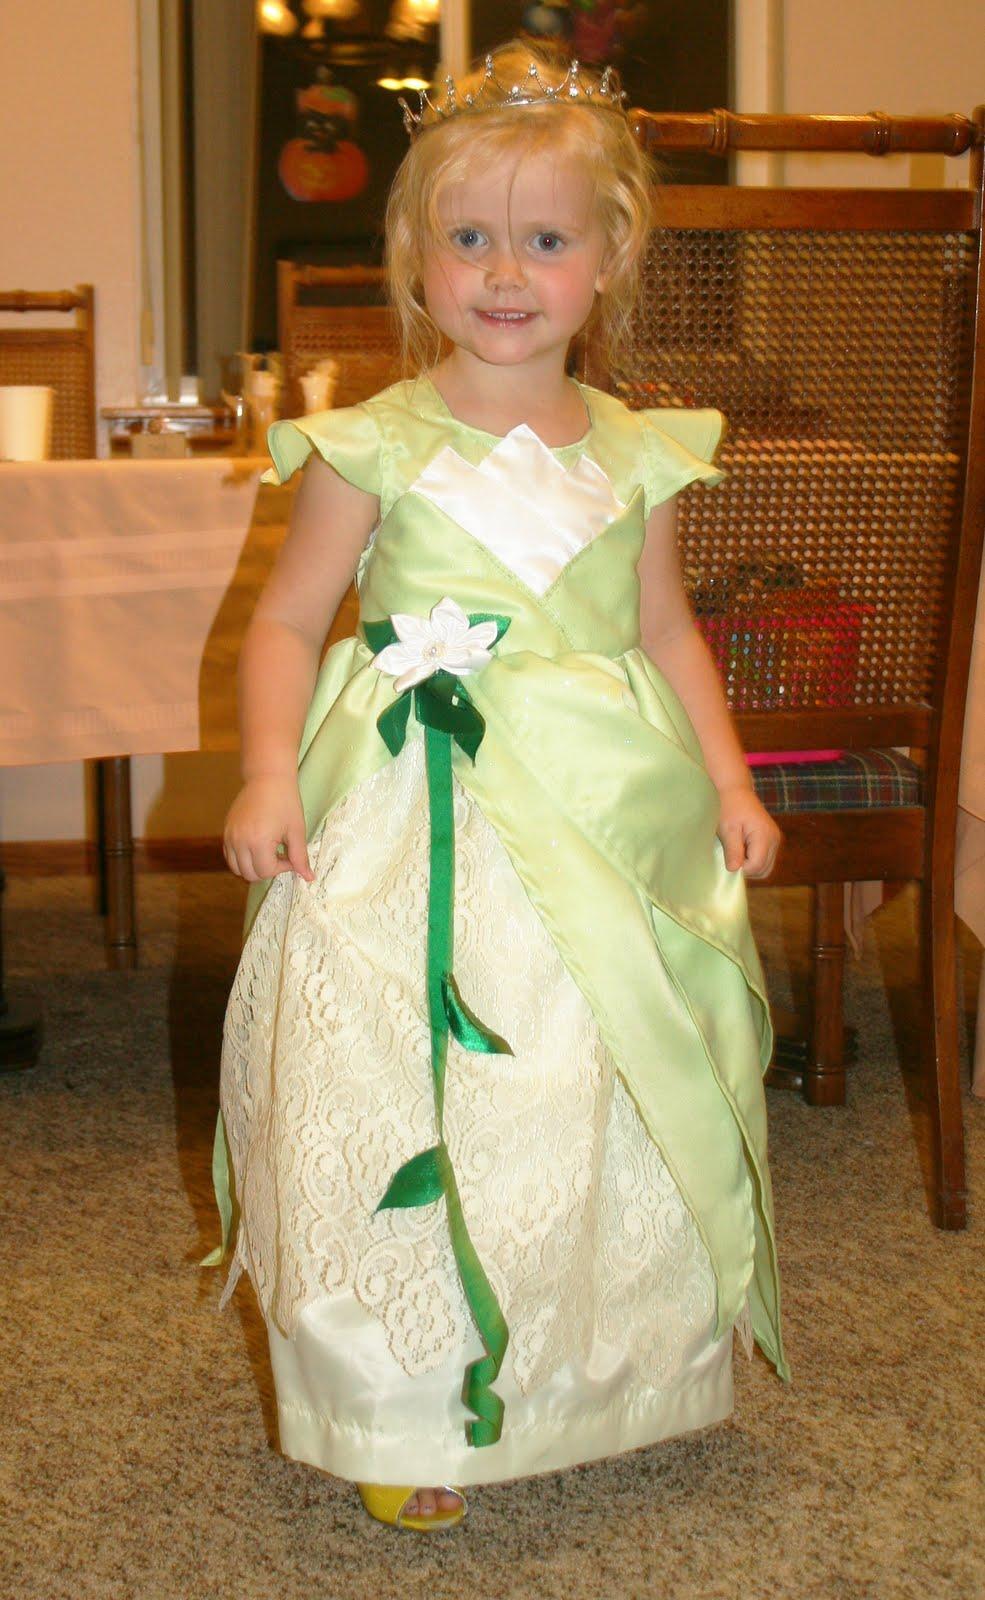 plus size halloween costumes in utah gallery